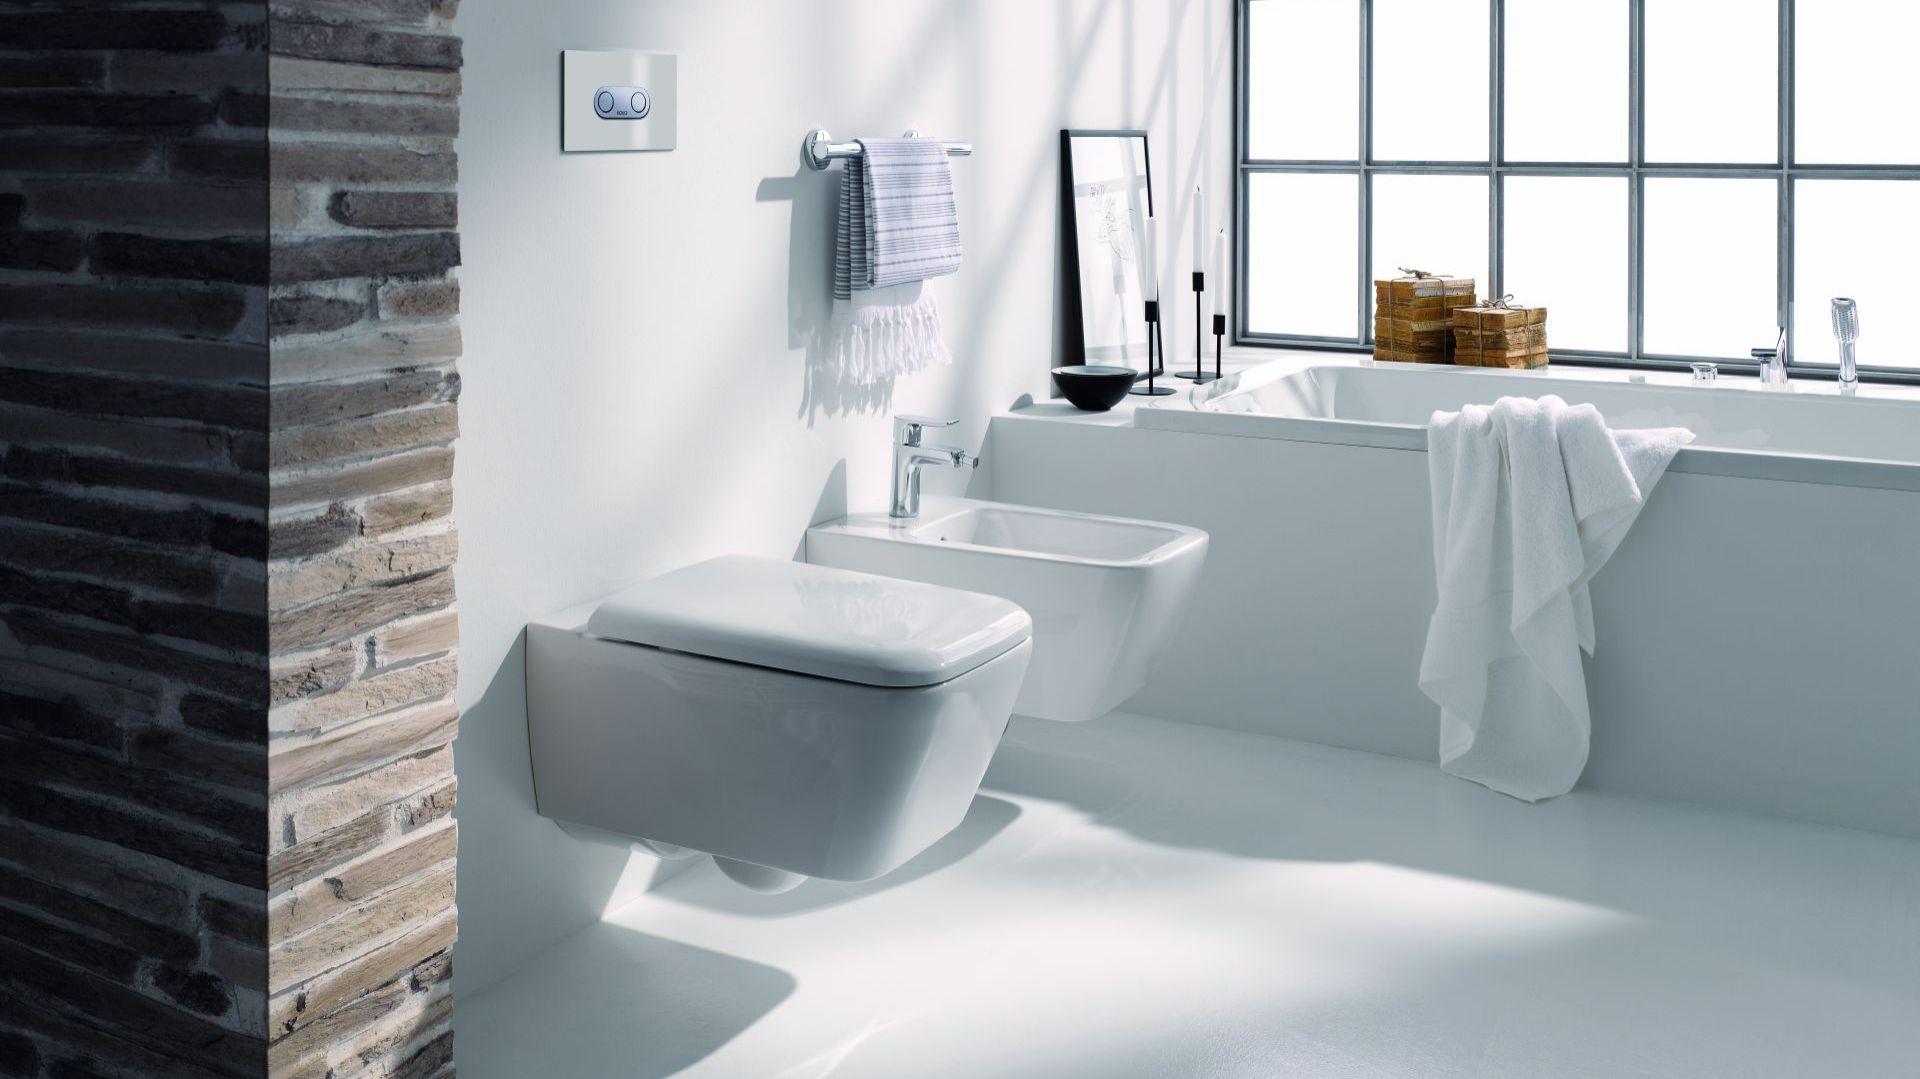 Kolekcja ceramiki sanitarnej Life! doskonale pasuje do wnętrz w stylu loft. Fot. Koło